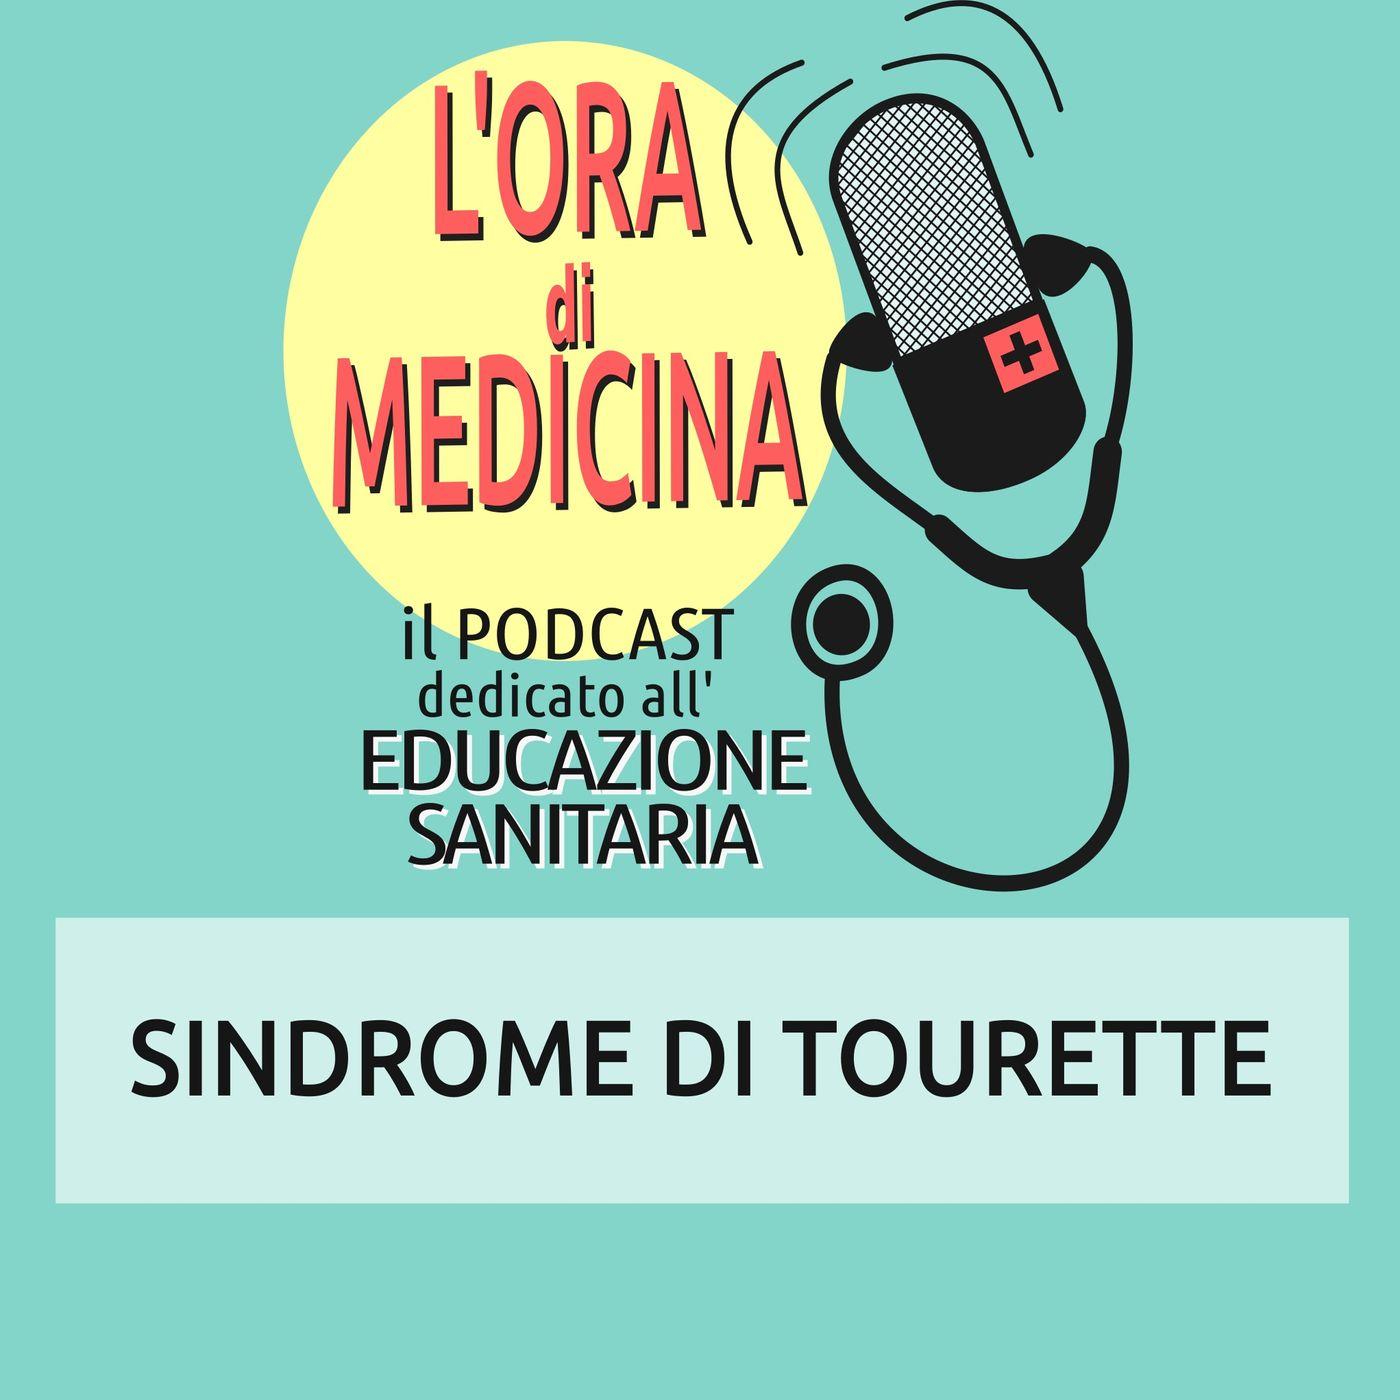 Ep. 83 | Sindrome di Tourette